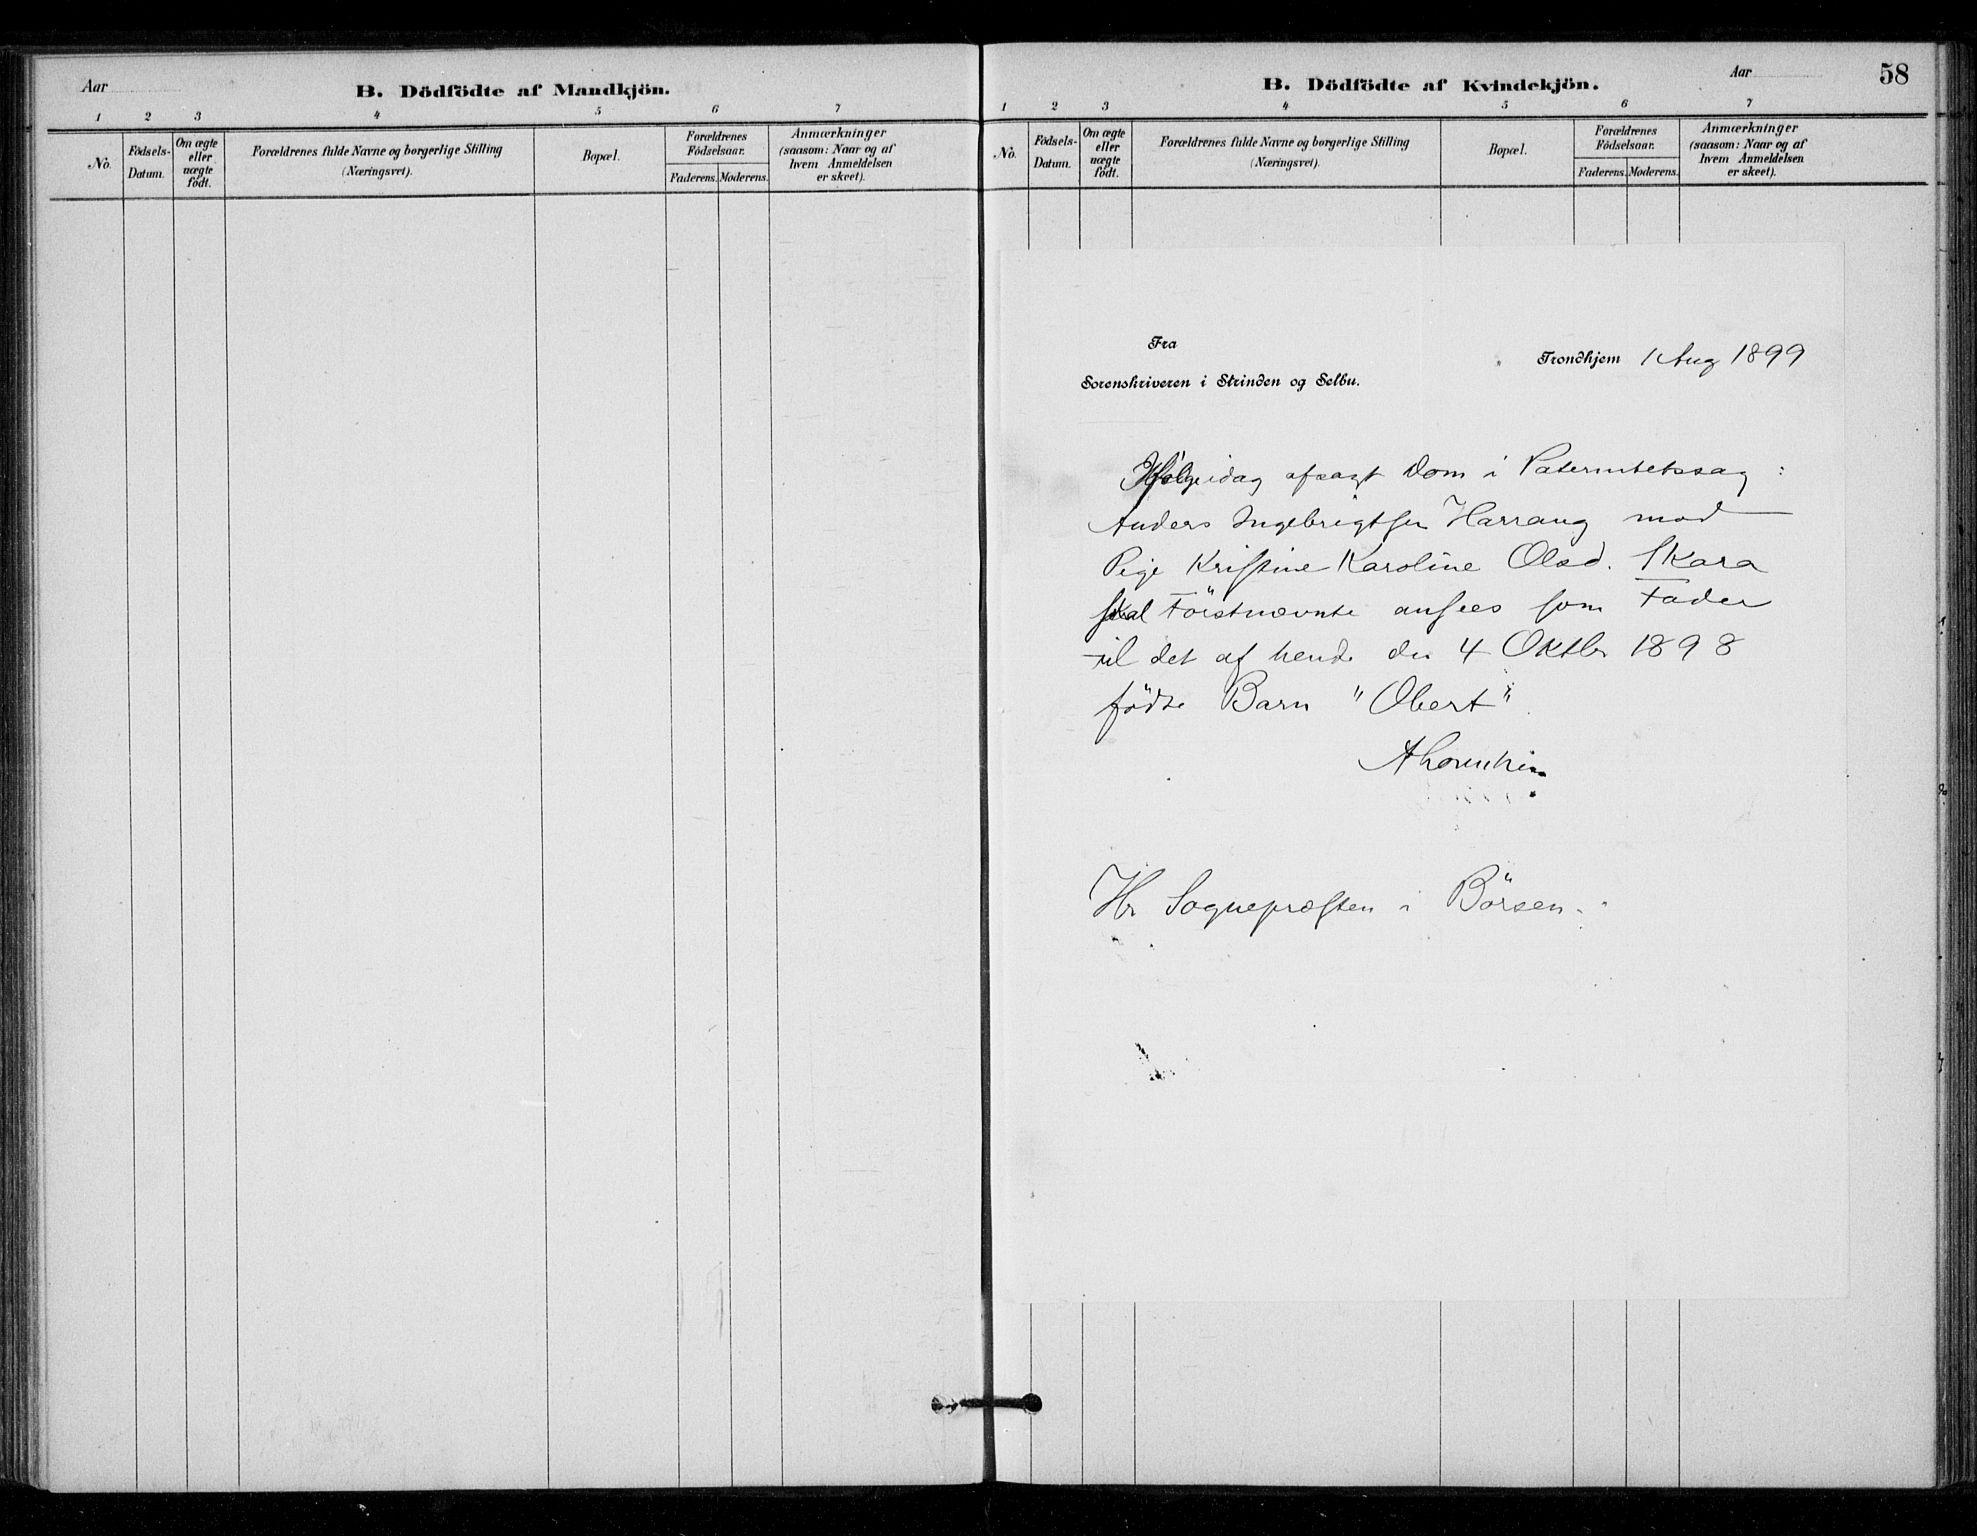 SAT, Ministerialprotokoller, klokkerbøker og fødselsregistre - Sør-Trøndelag, 670/L0836: Ministerialbok nr. 670A01, 1879-1904, s. 58